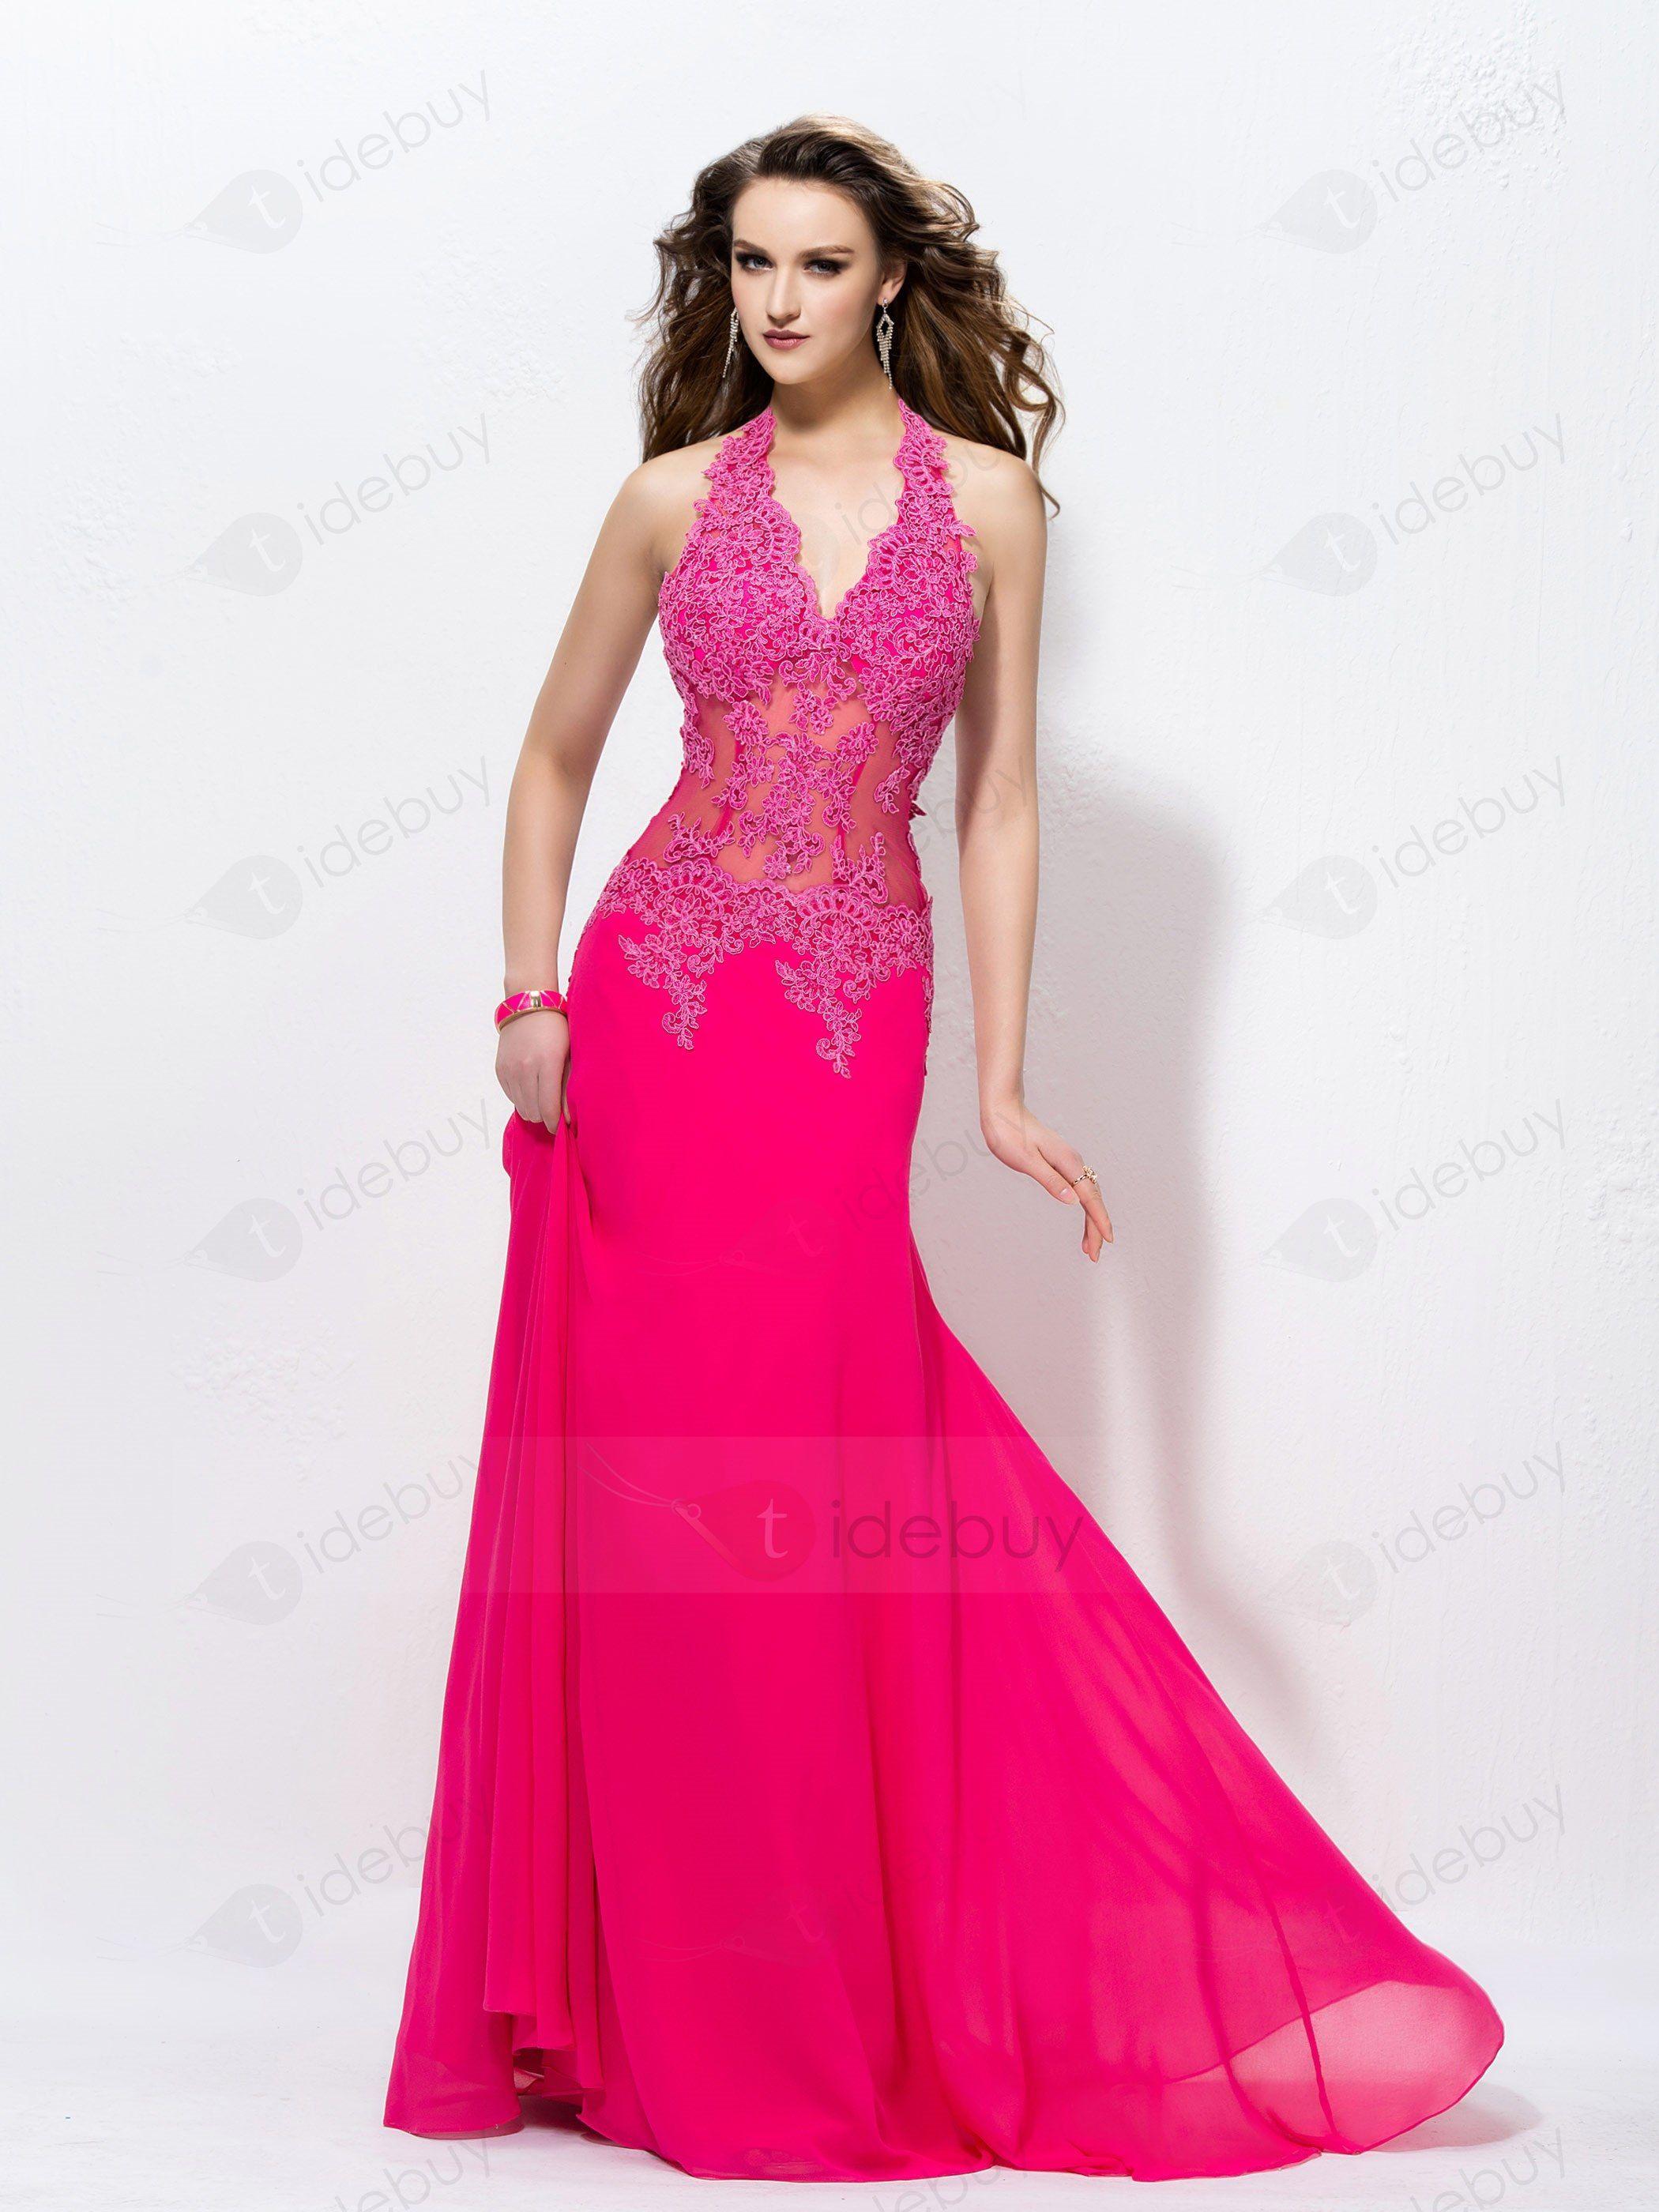 Bonito Vestido De Fiesta Xcite Composición - Colección de Vestidos ...